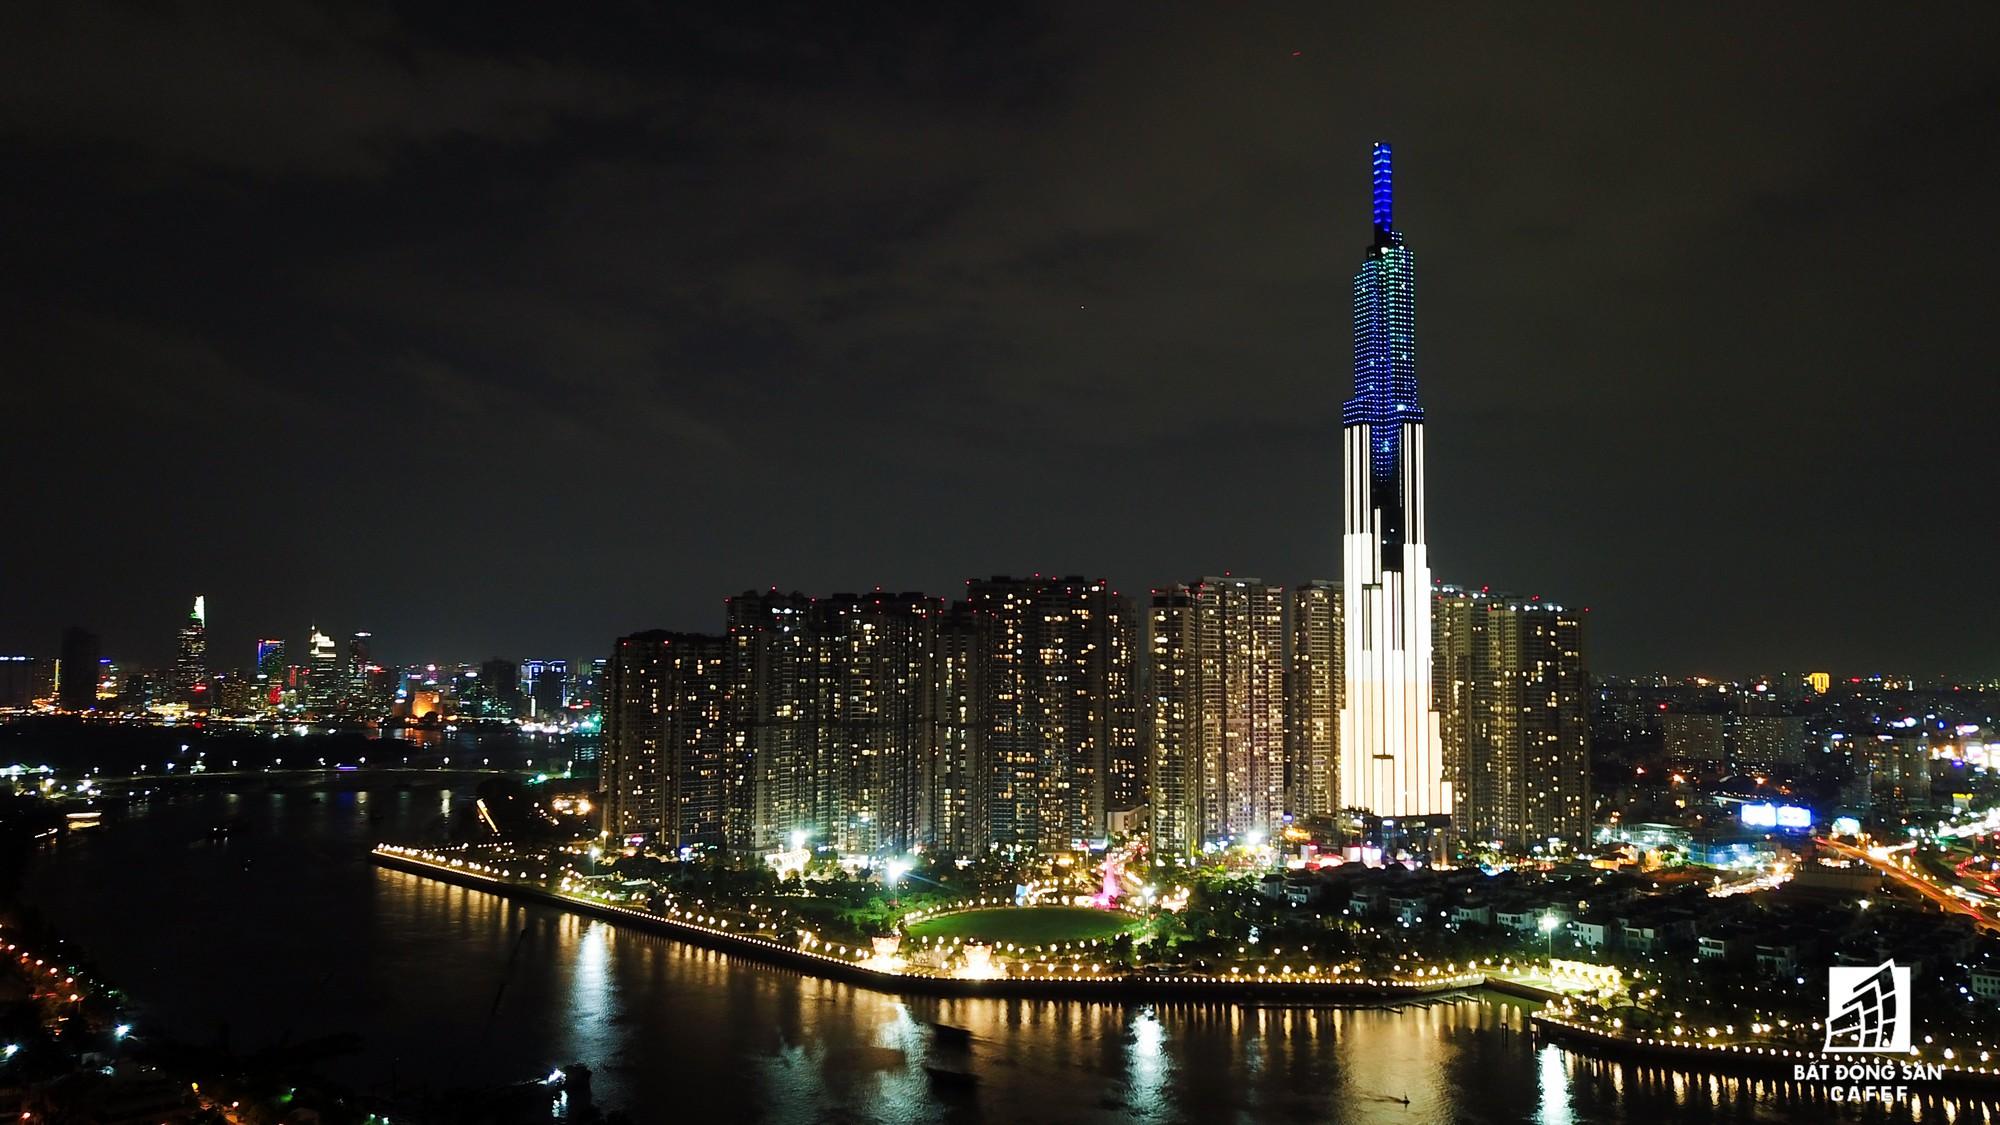 Toàn cảnh đô thị trung tâm Sài Gòn nhìn từ đỉnh tòa nhà cao nhất Việt Nam - Ảnh 2.